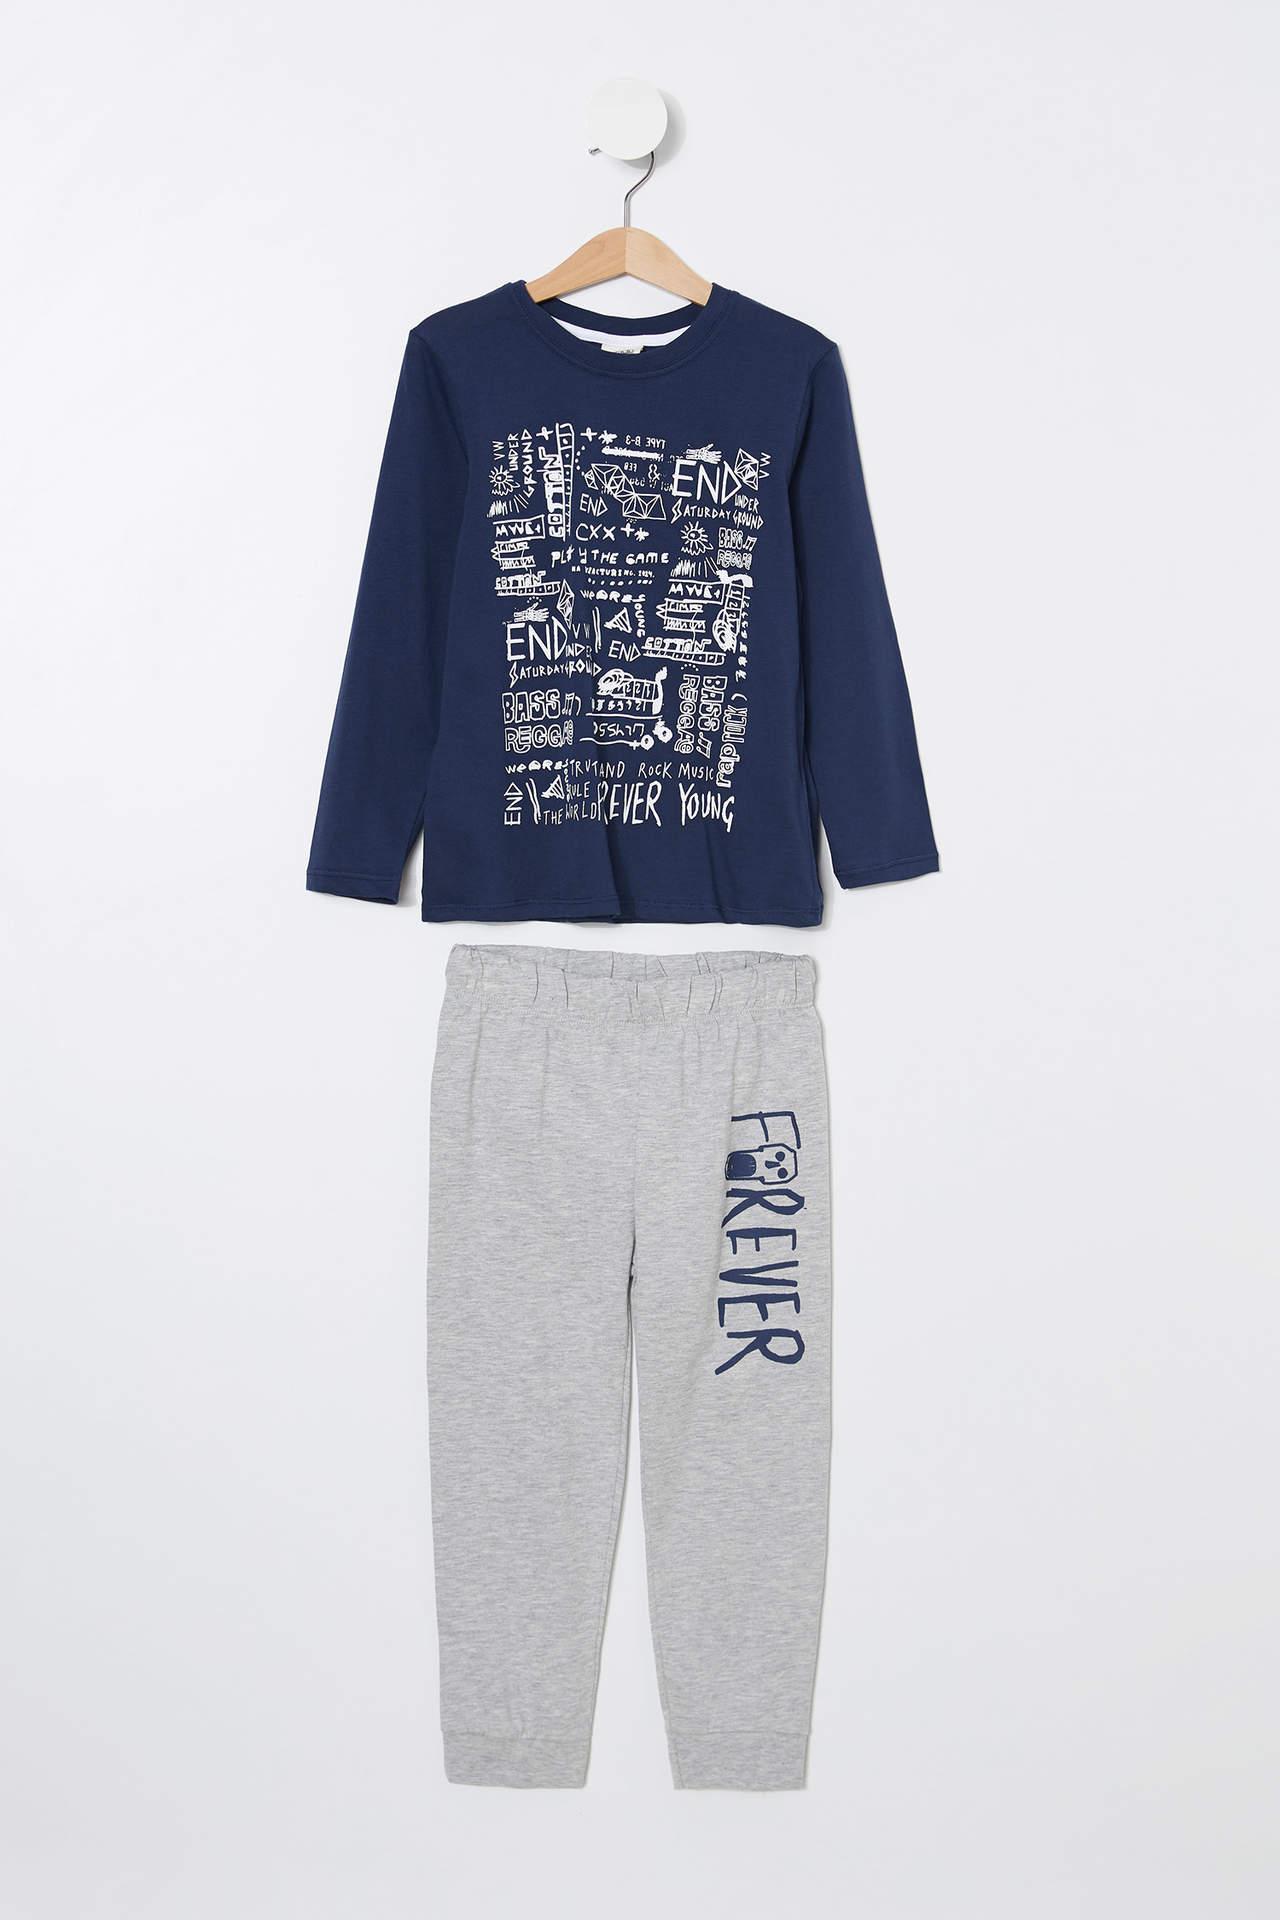 DeFacto Erkek Çocuk Baskılı Pijama Takımı Mavi male